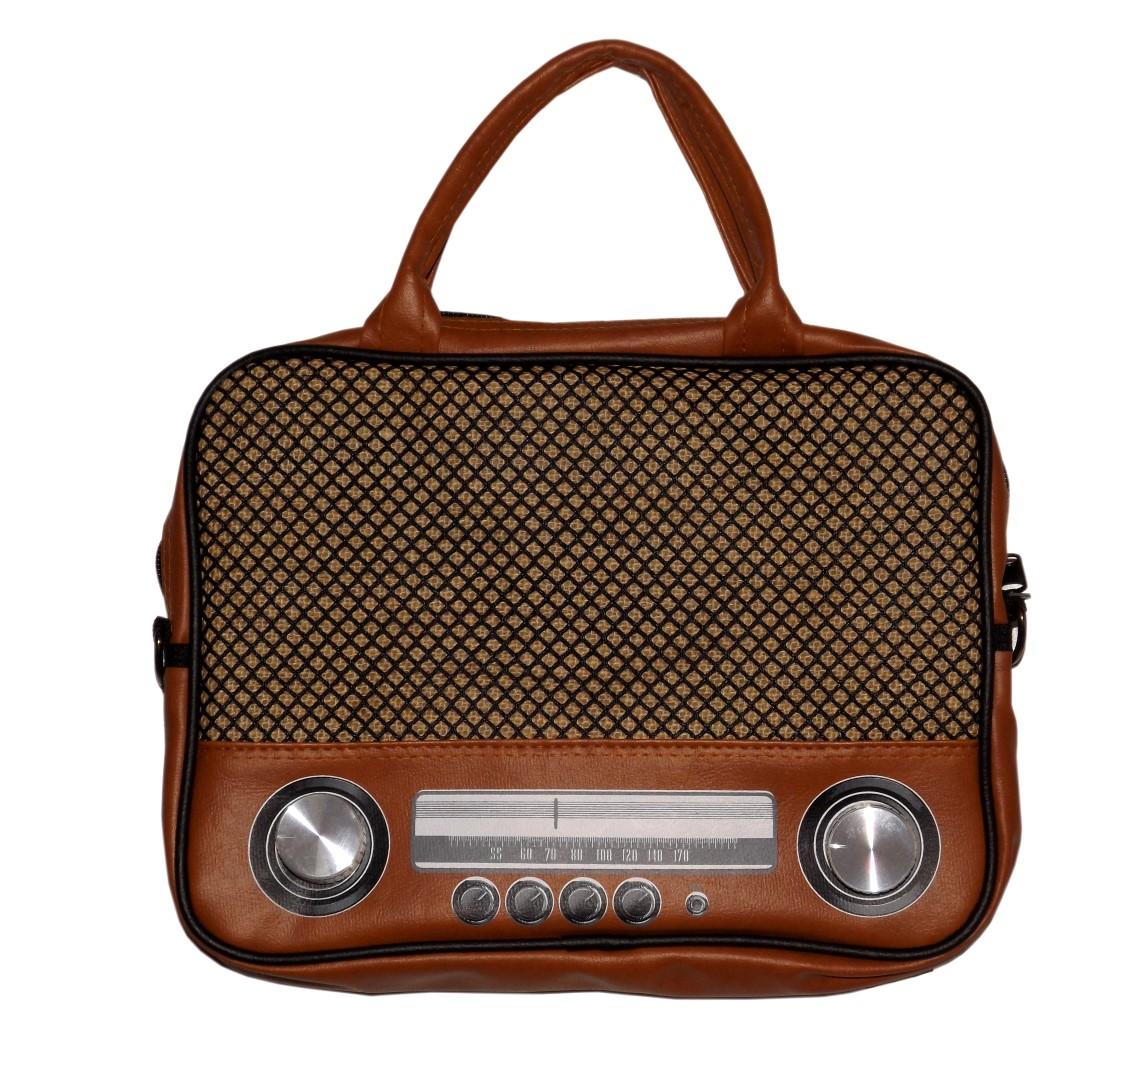 rockit_radio_shoulder_handbag_retro_vintage_geaser_purses_and_handbags_4.JPG